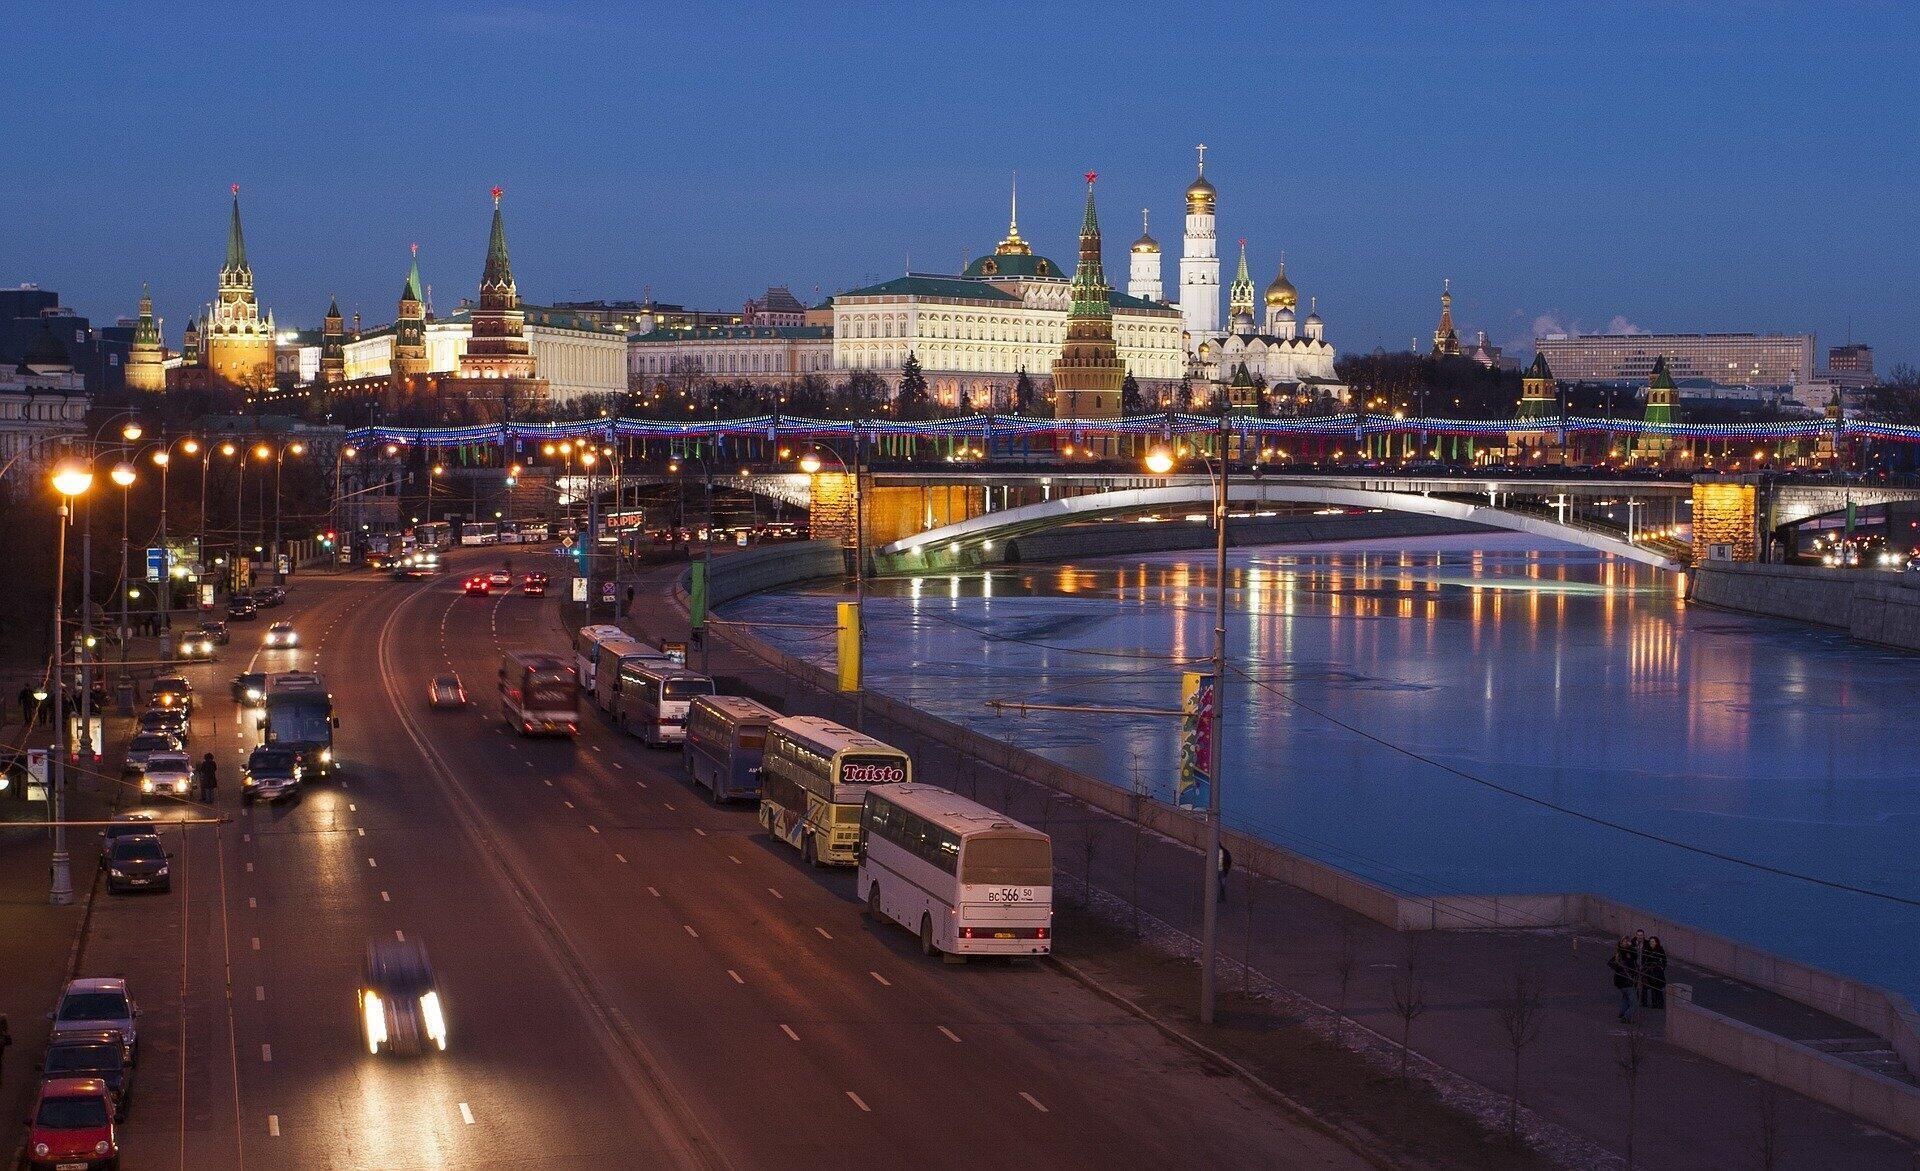 В МИД России заявили, что санкции являются лишь ответом на политику ЕС. В Евросоюзе продолжают требовать расследования отравления Навального